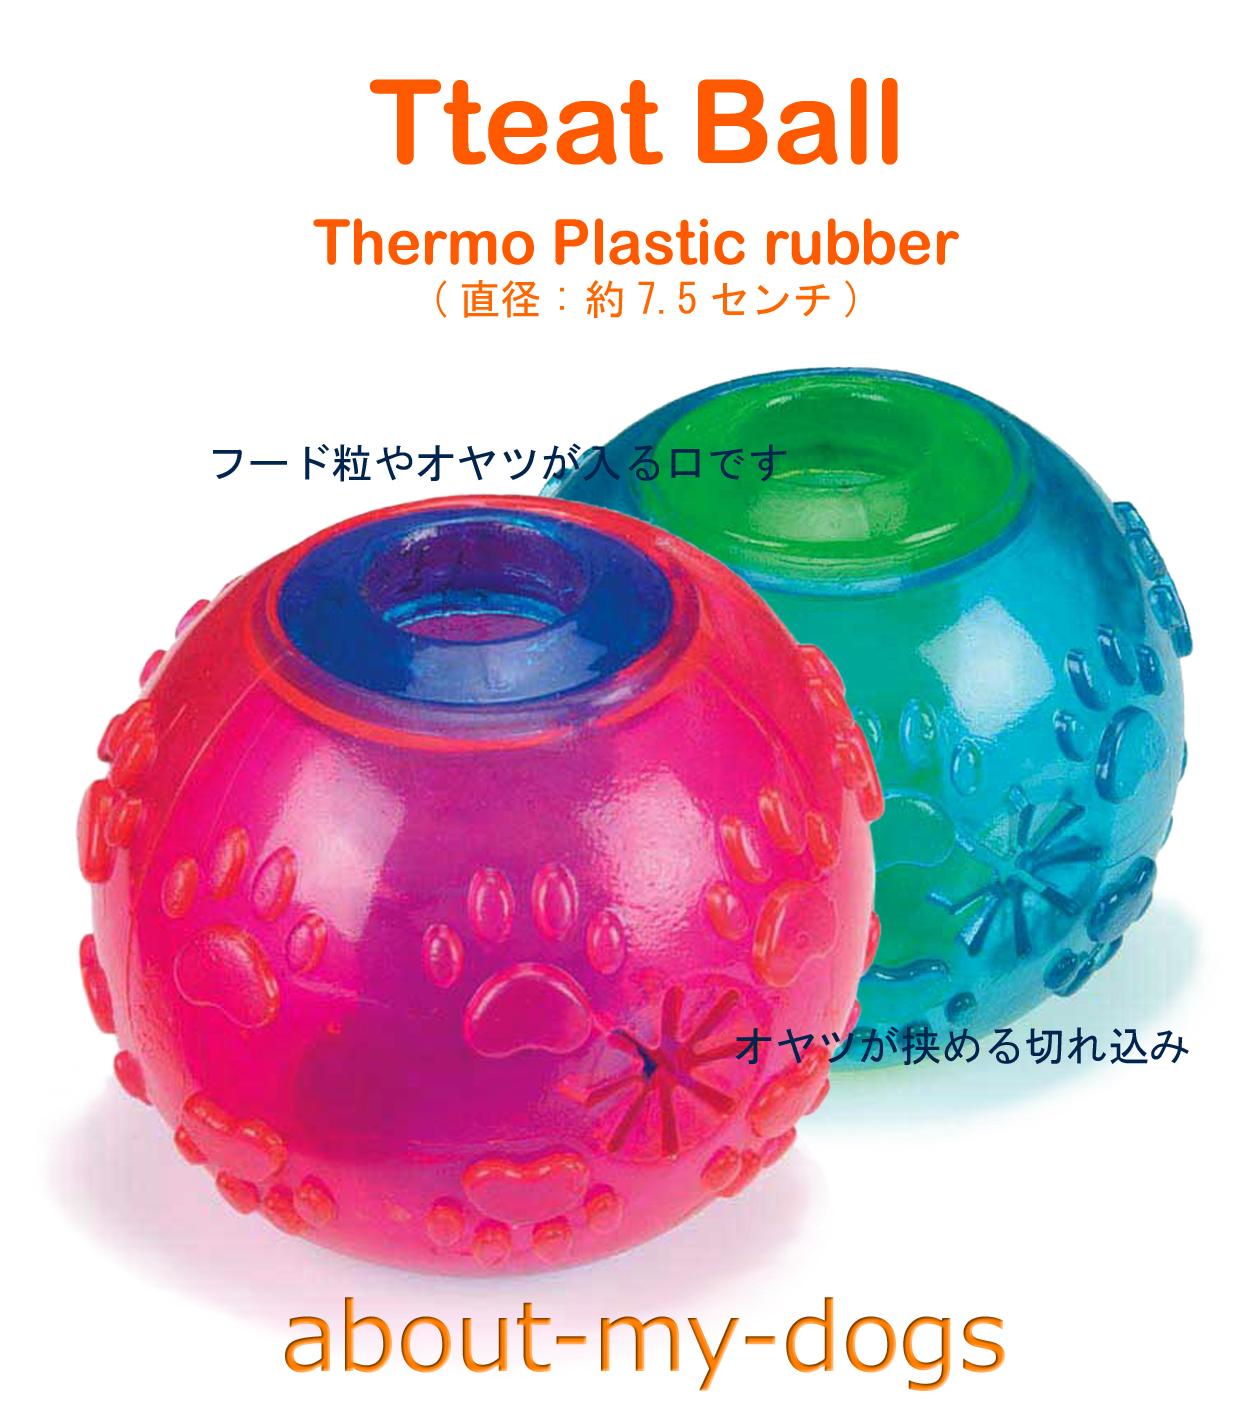 オヤツを入れて遊ぶトリーツボール(75ミリ)